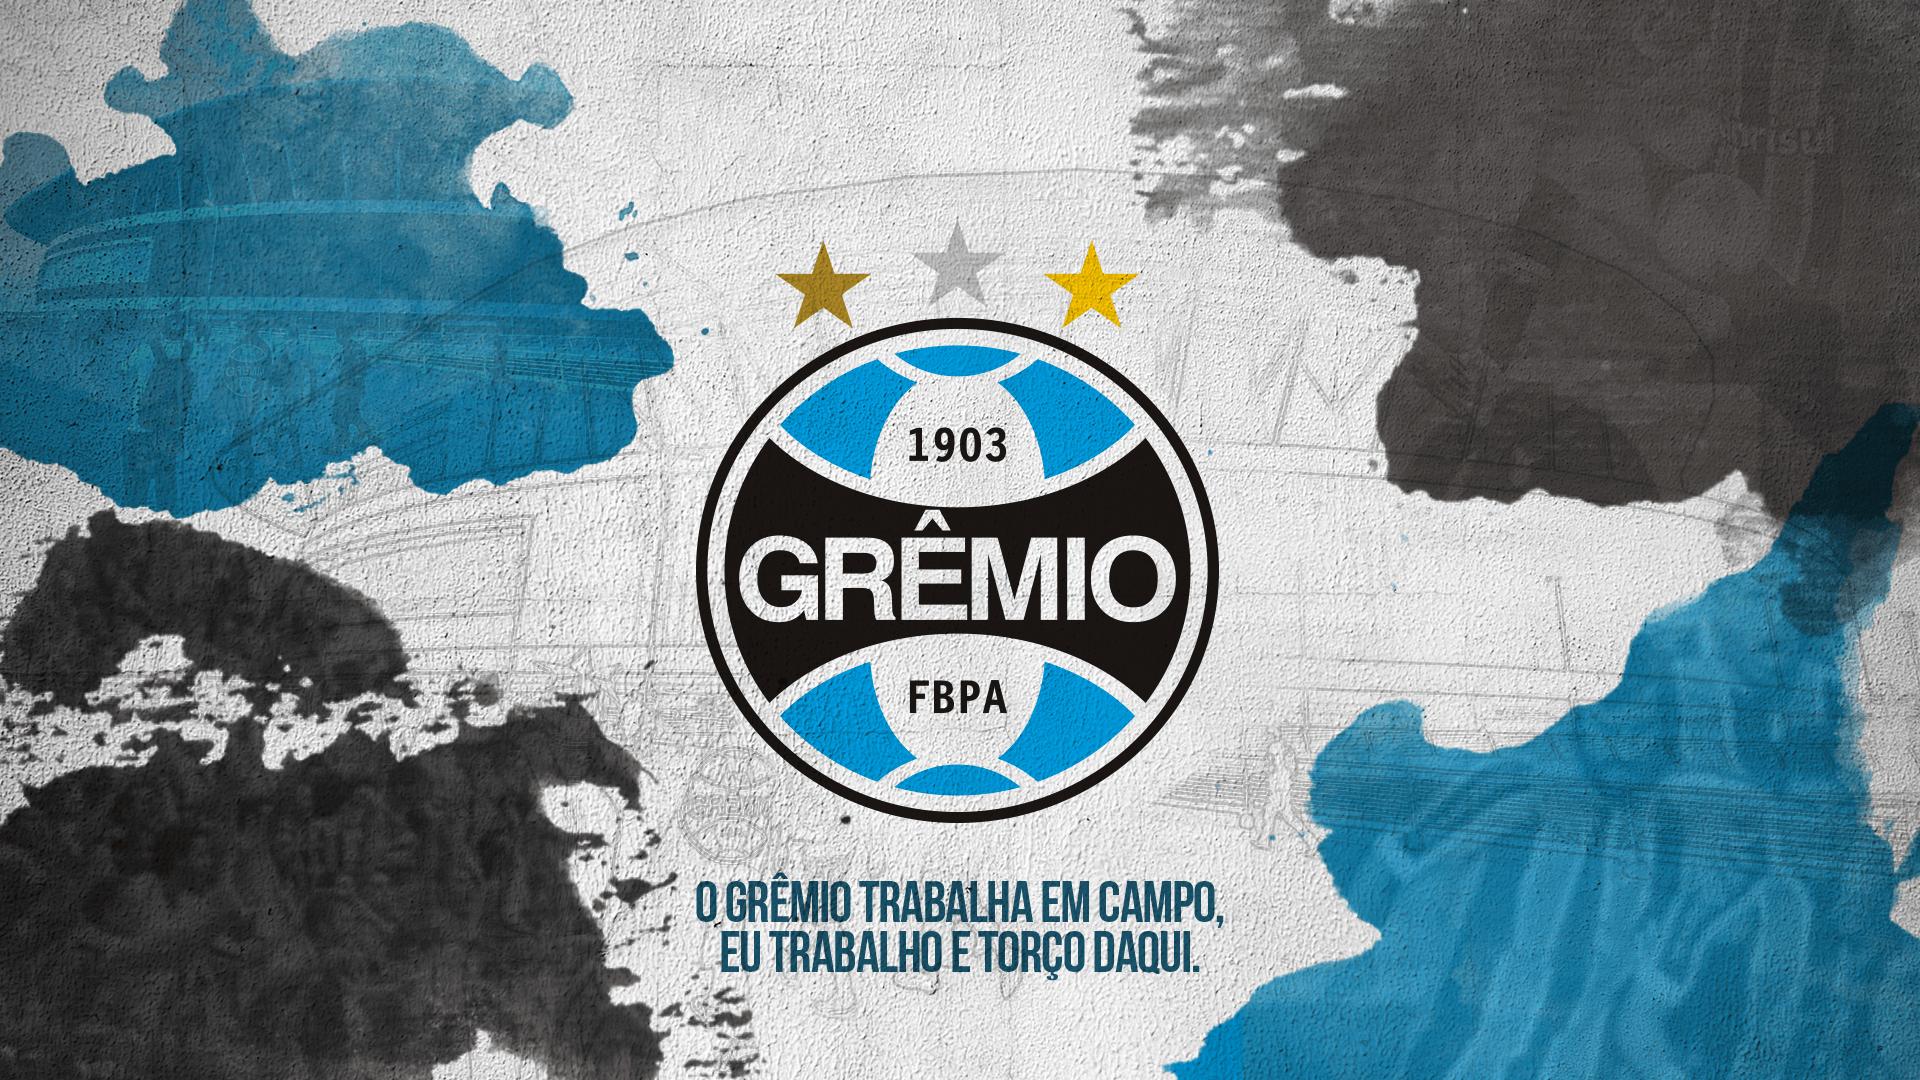 100+ Wallpapers do Grêmio (Papéis de Parede) PC e Celular 1ac2f31e6b7f1